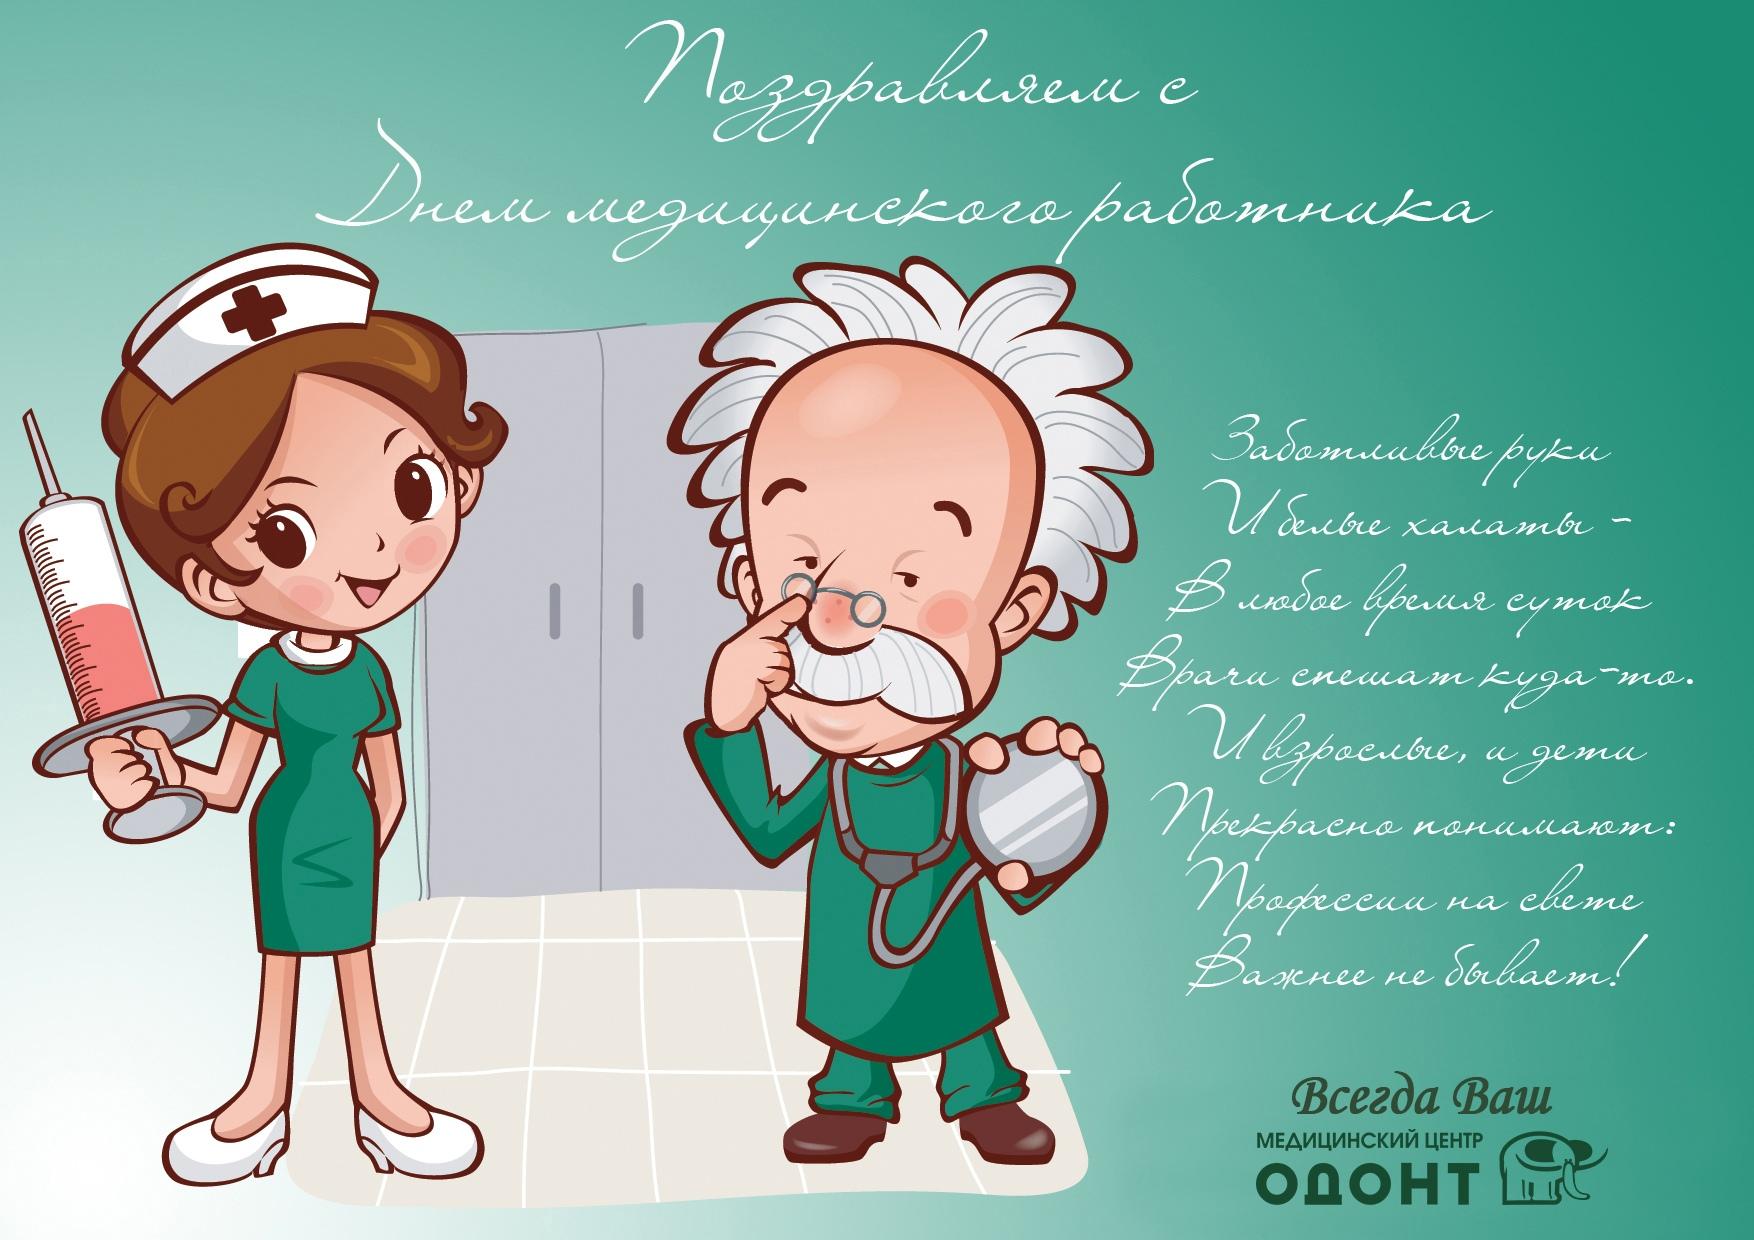 Прикольное новогоднее поздравление медиков